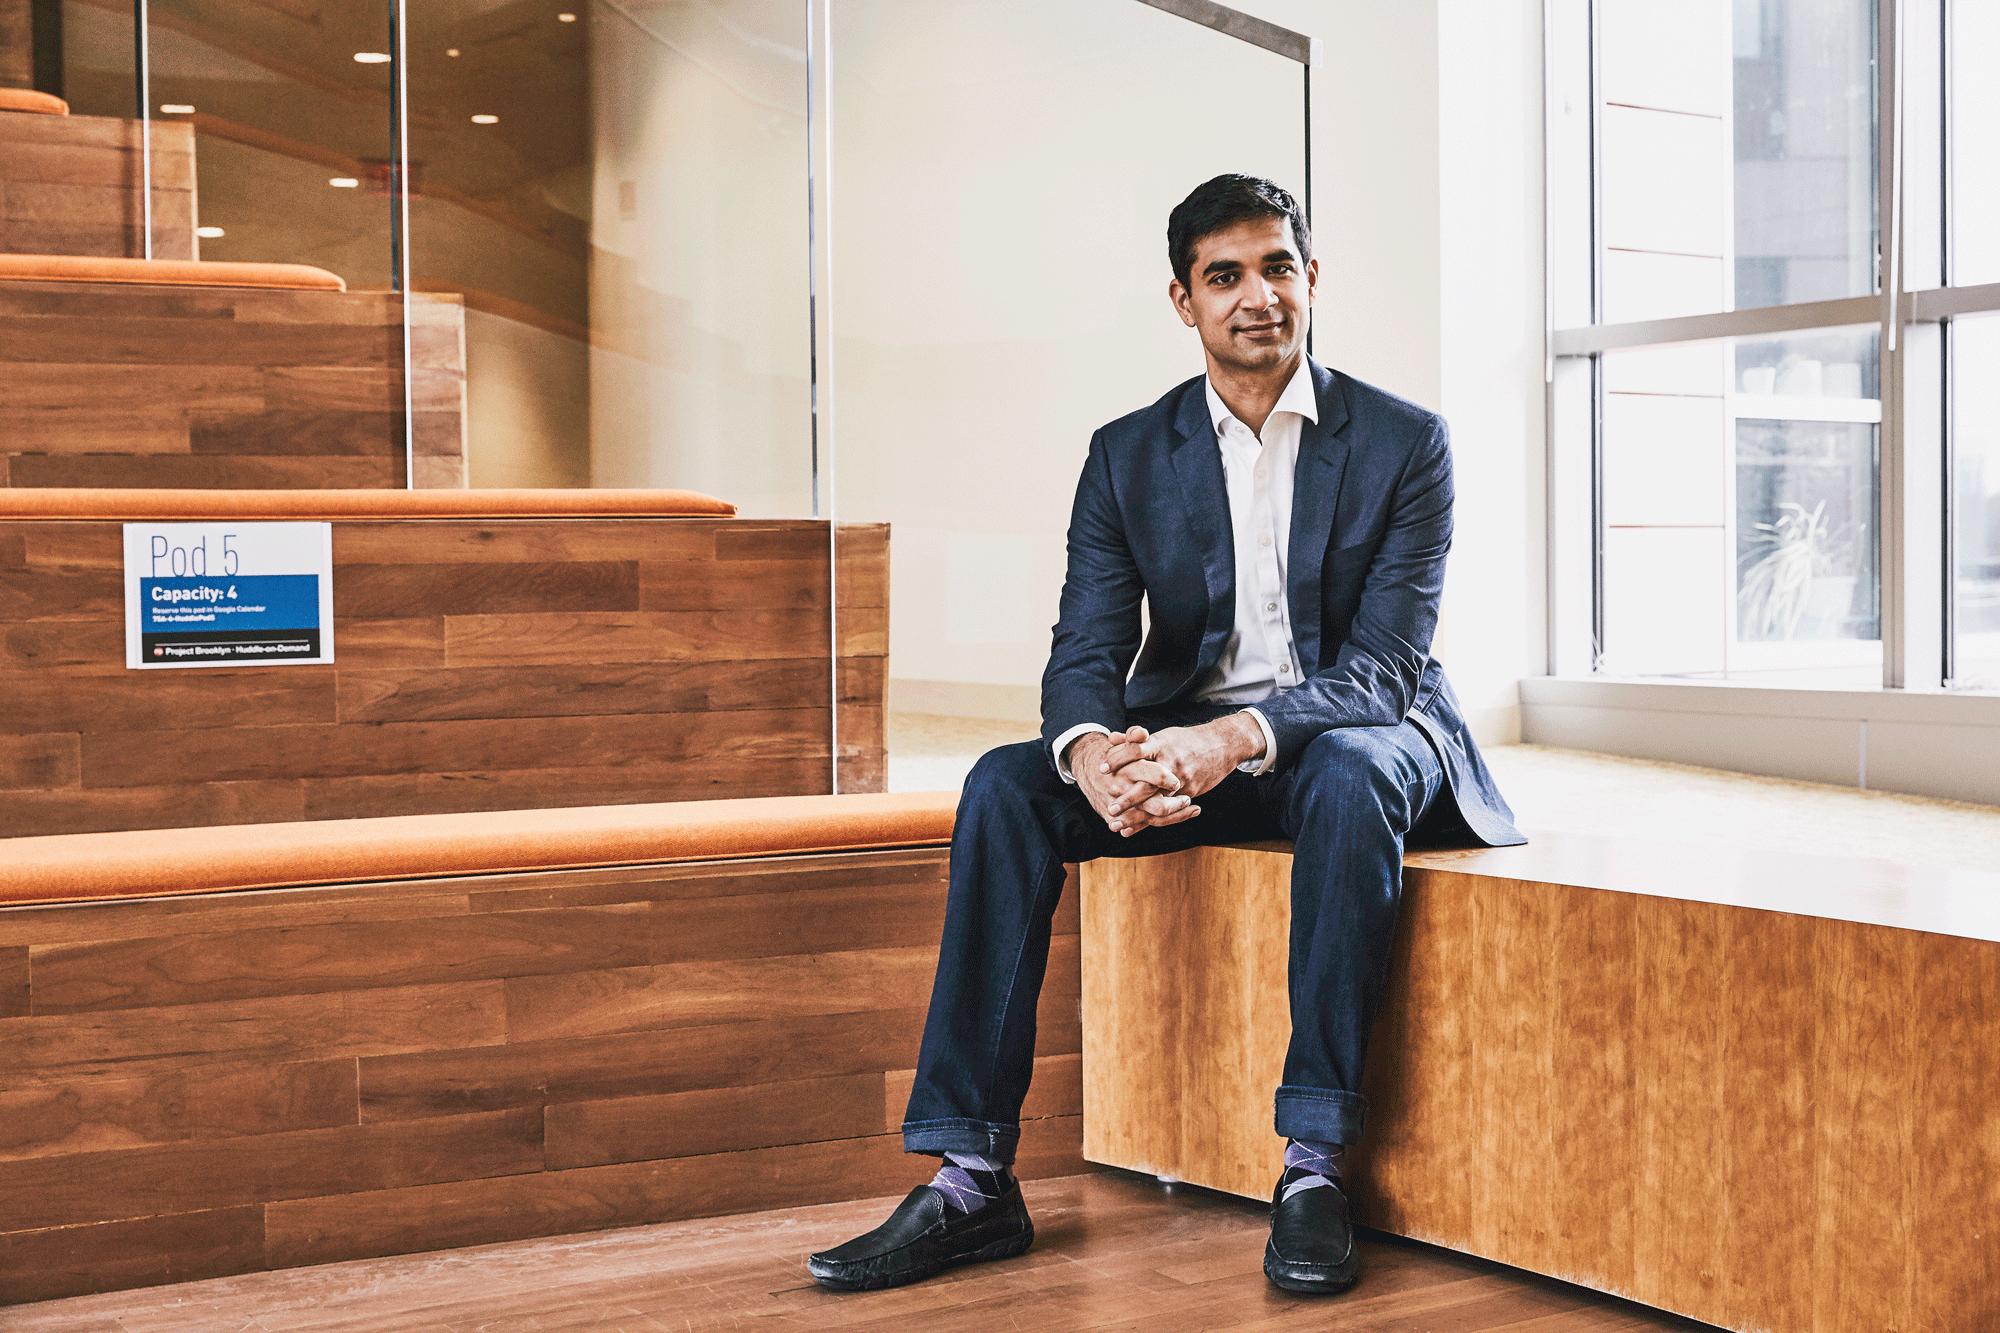 El cardiólogo Amit Khera es parte de un equipo del Broad Institute que predice la enfermedad a partir del ADN.